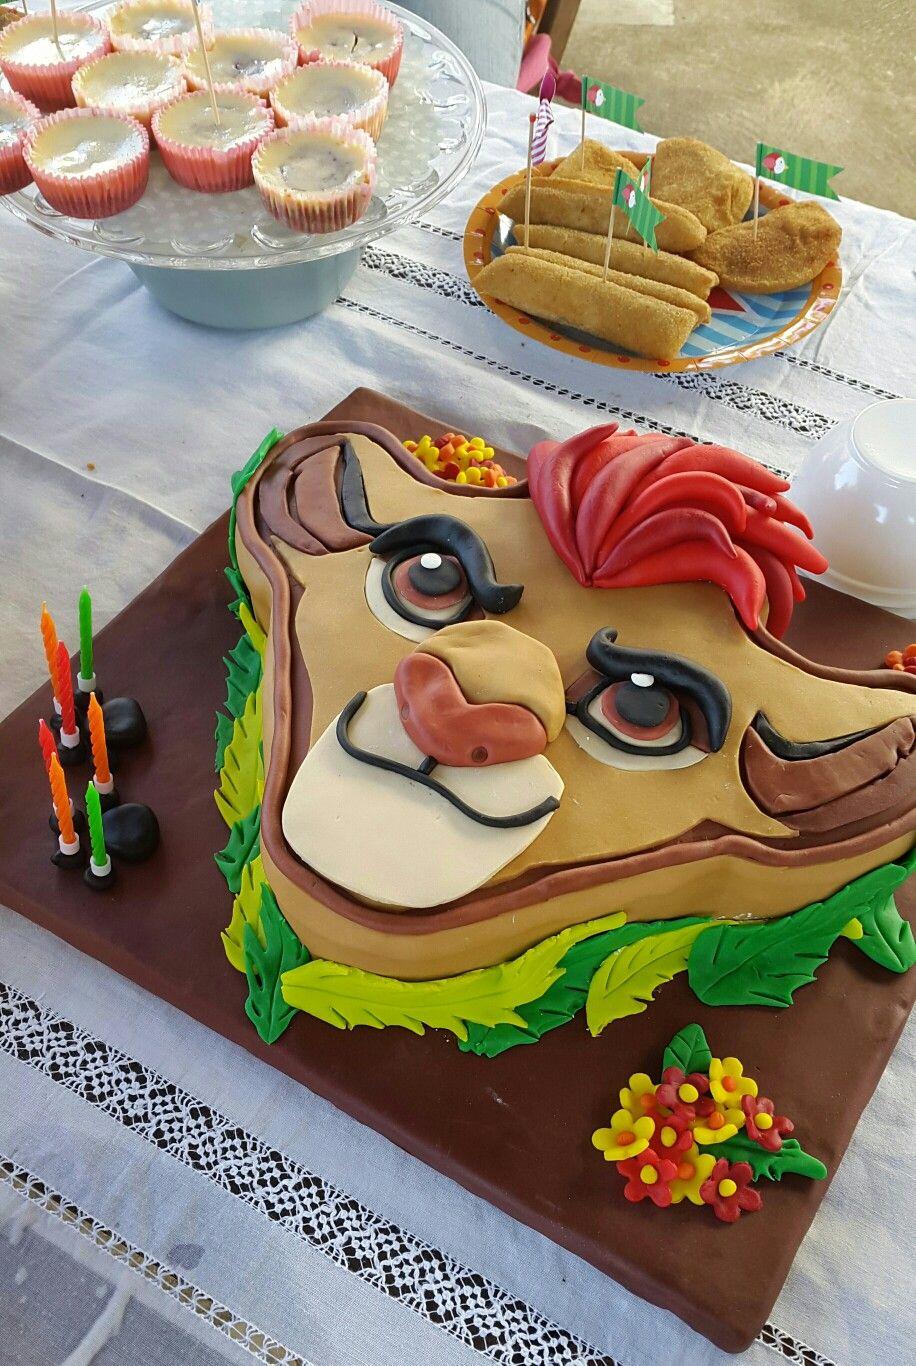 Lion Guard Cake Kion The Lion Guard Disney Junior Pinterest